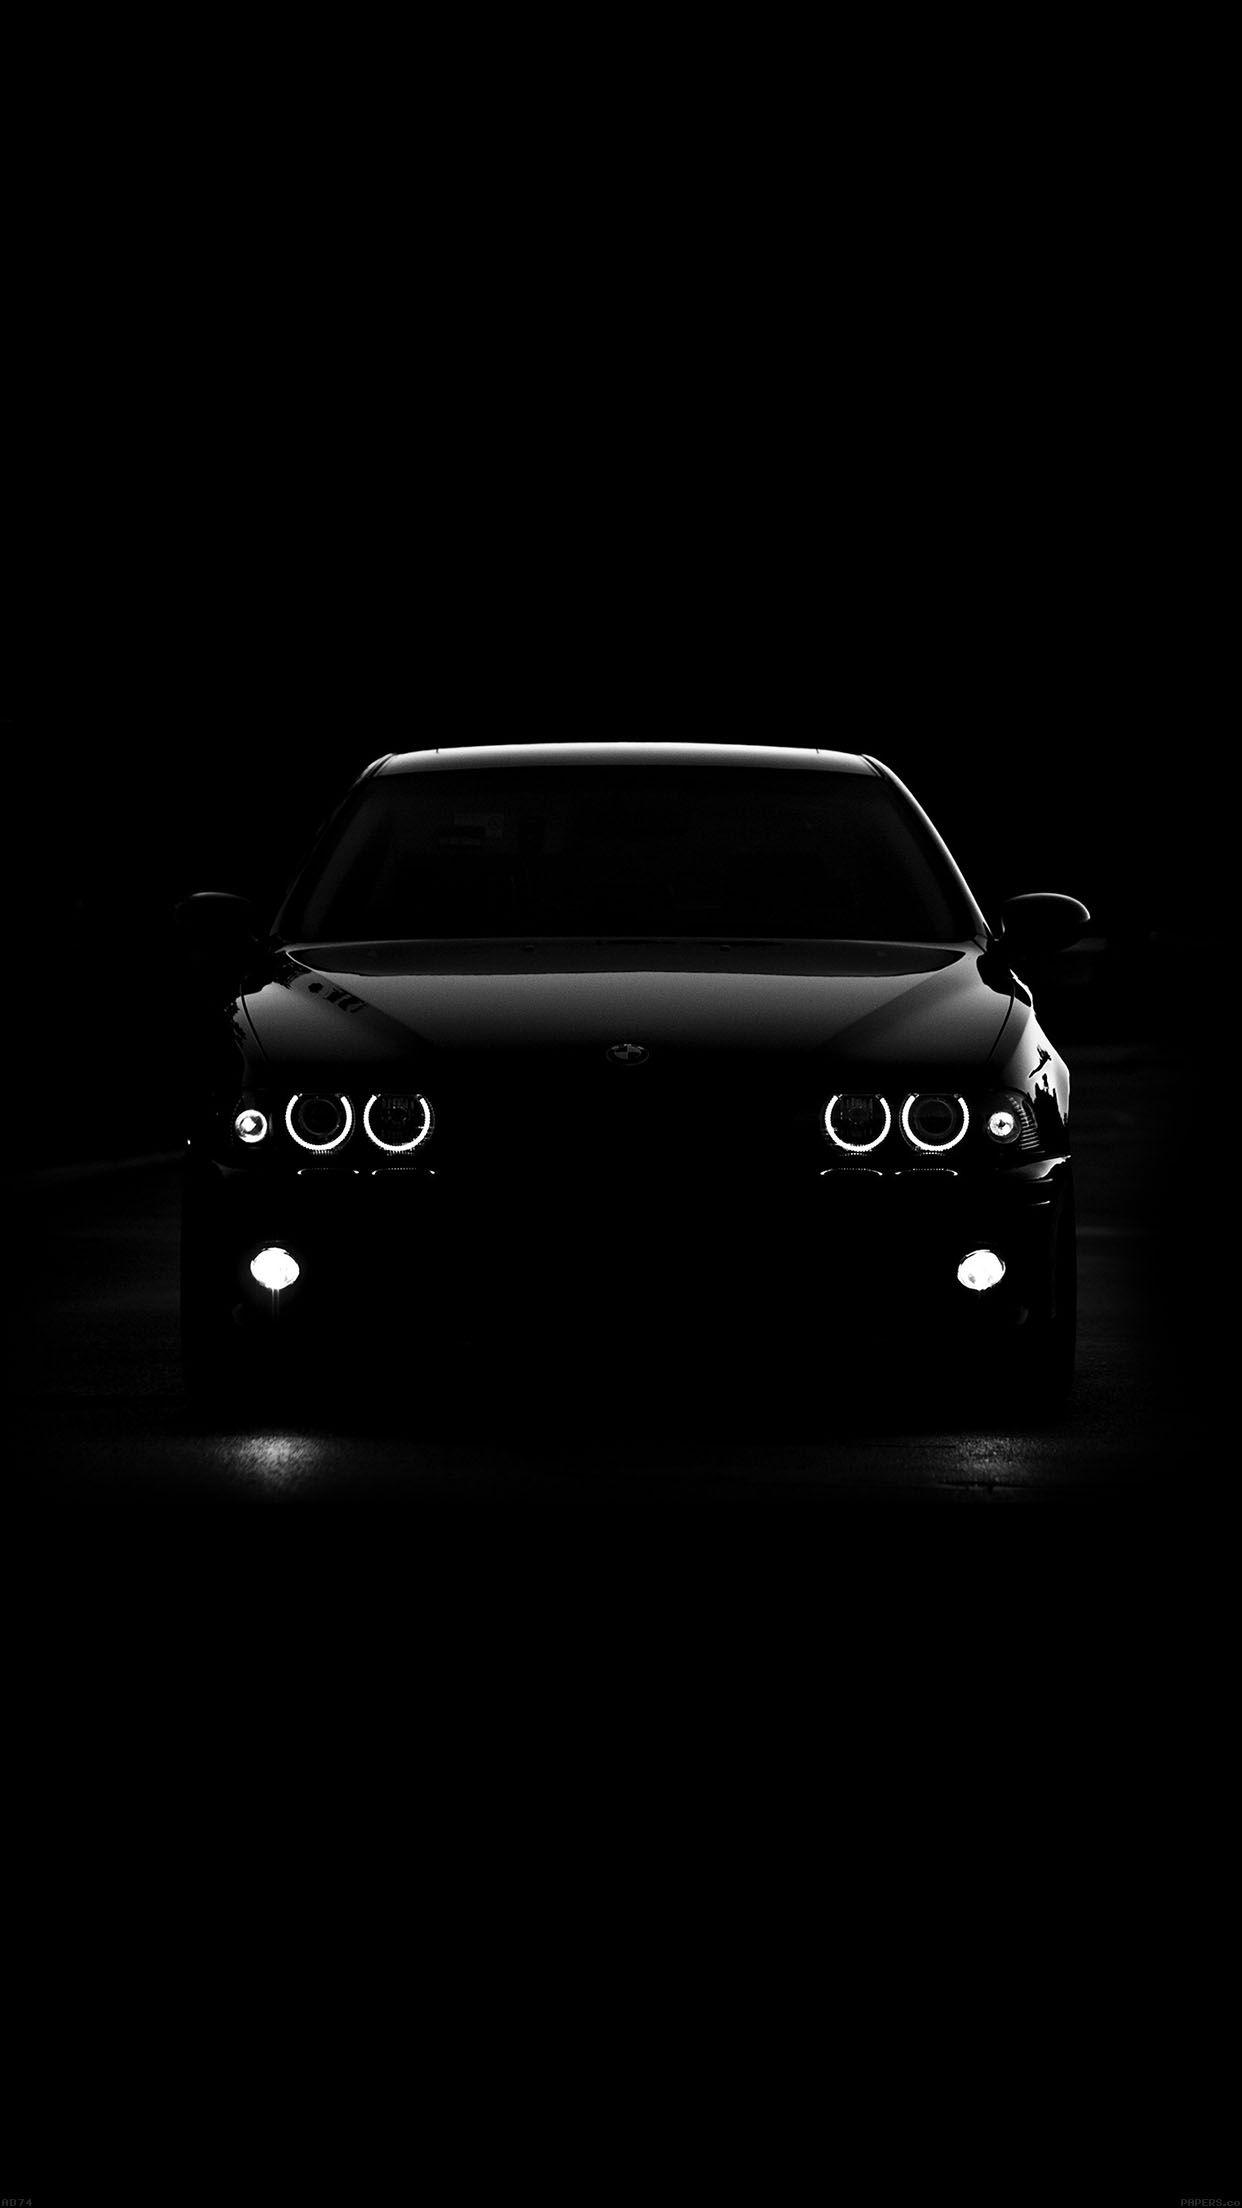 Papers Co Ad74 Bmw Car Black Light 34 Iphone6 Plus Wallpaper Jpg 1 242 2 208 Pixeles Fondos De Pantalla De Coches Bmw Autos Fondo De Pantalla Oscuros